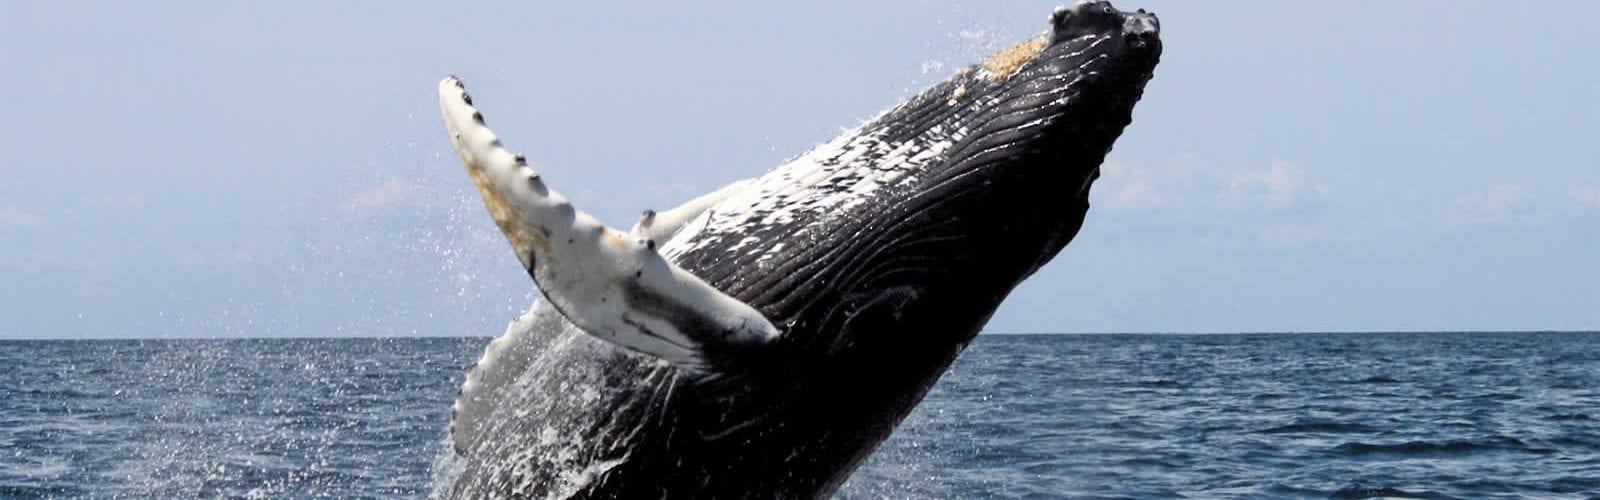 migration-baleines-grises-ocean-pacifique-san-diego-une